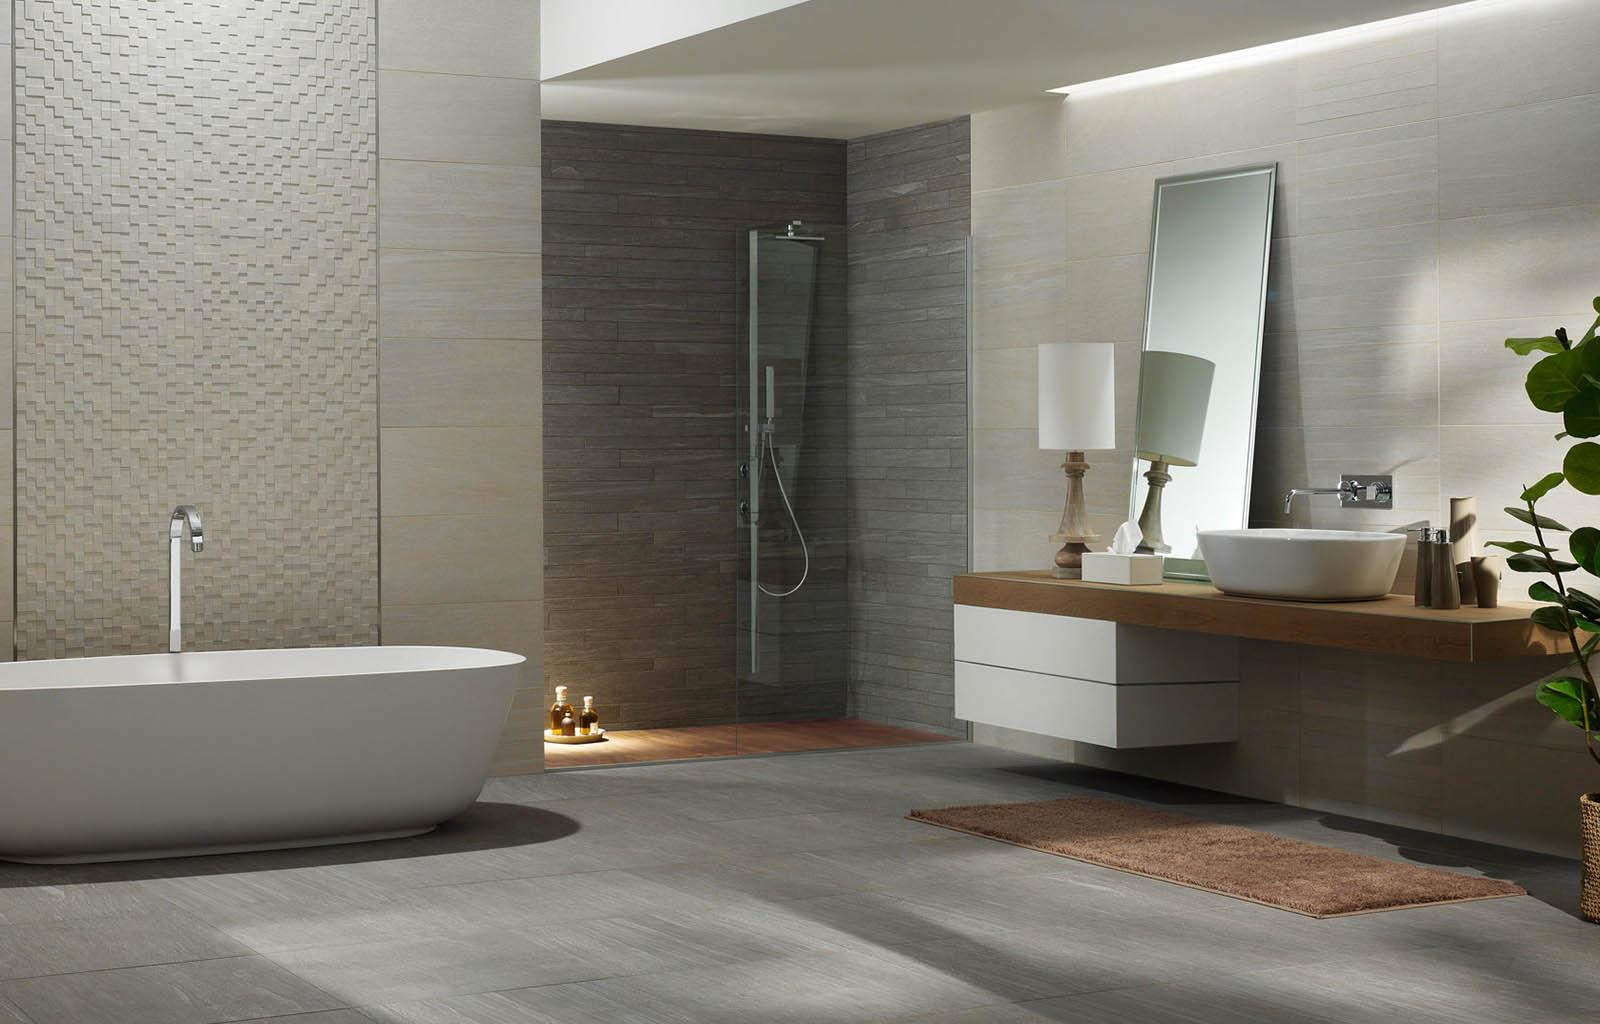 Ceramic tiles bathroom design malta for Bathroom design malta